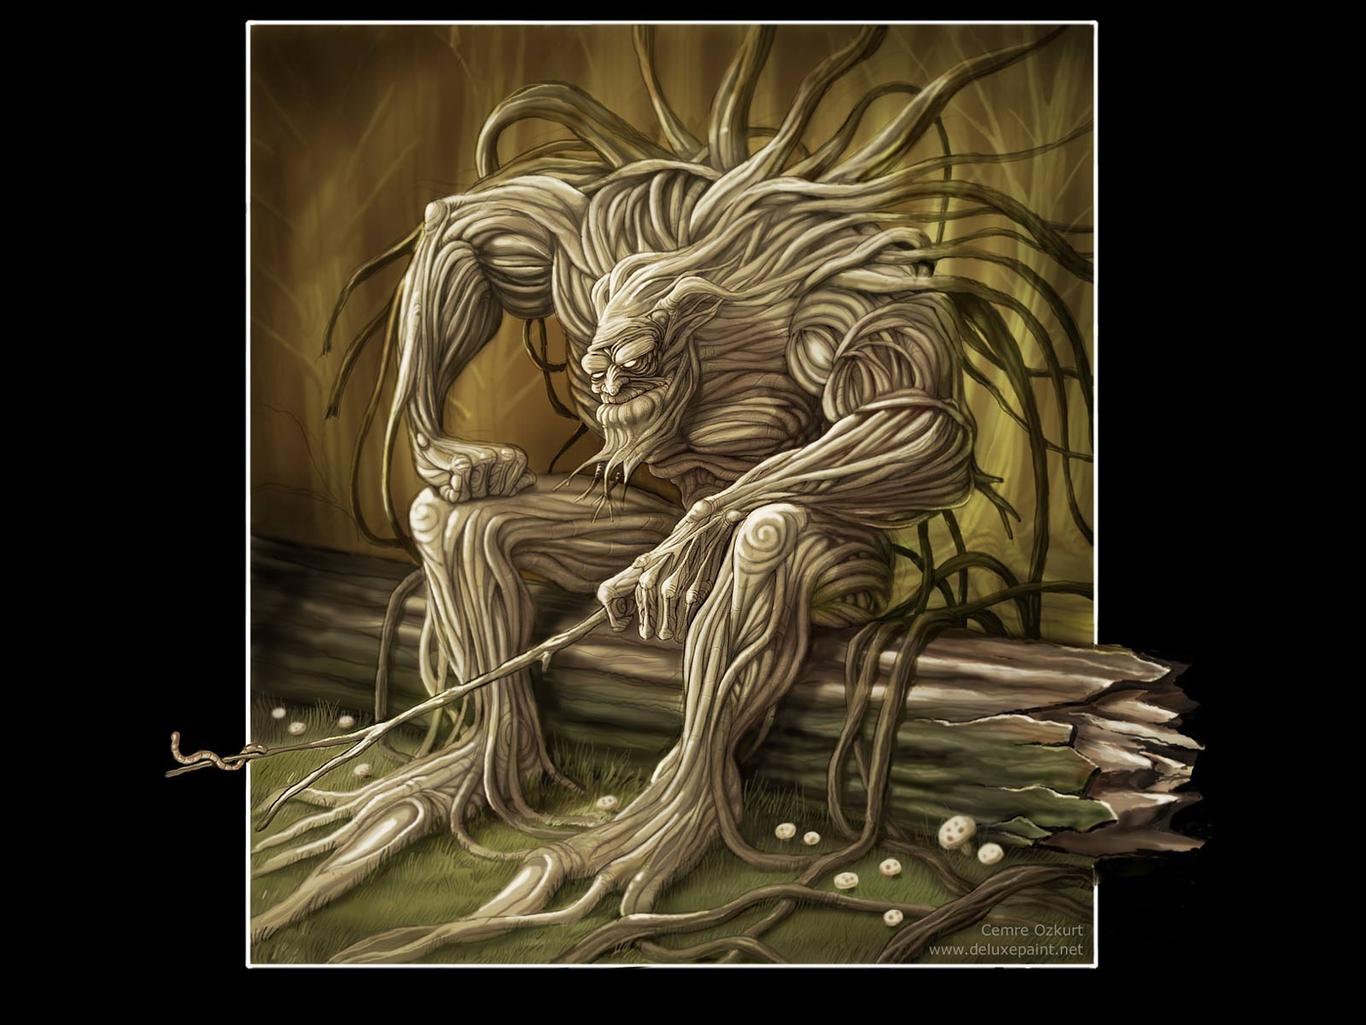 Deluxepaint tree man 1 b54ee04c 3lwg